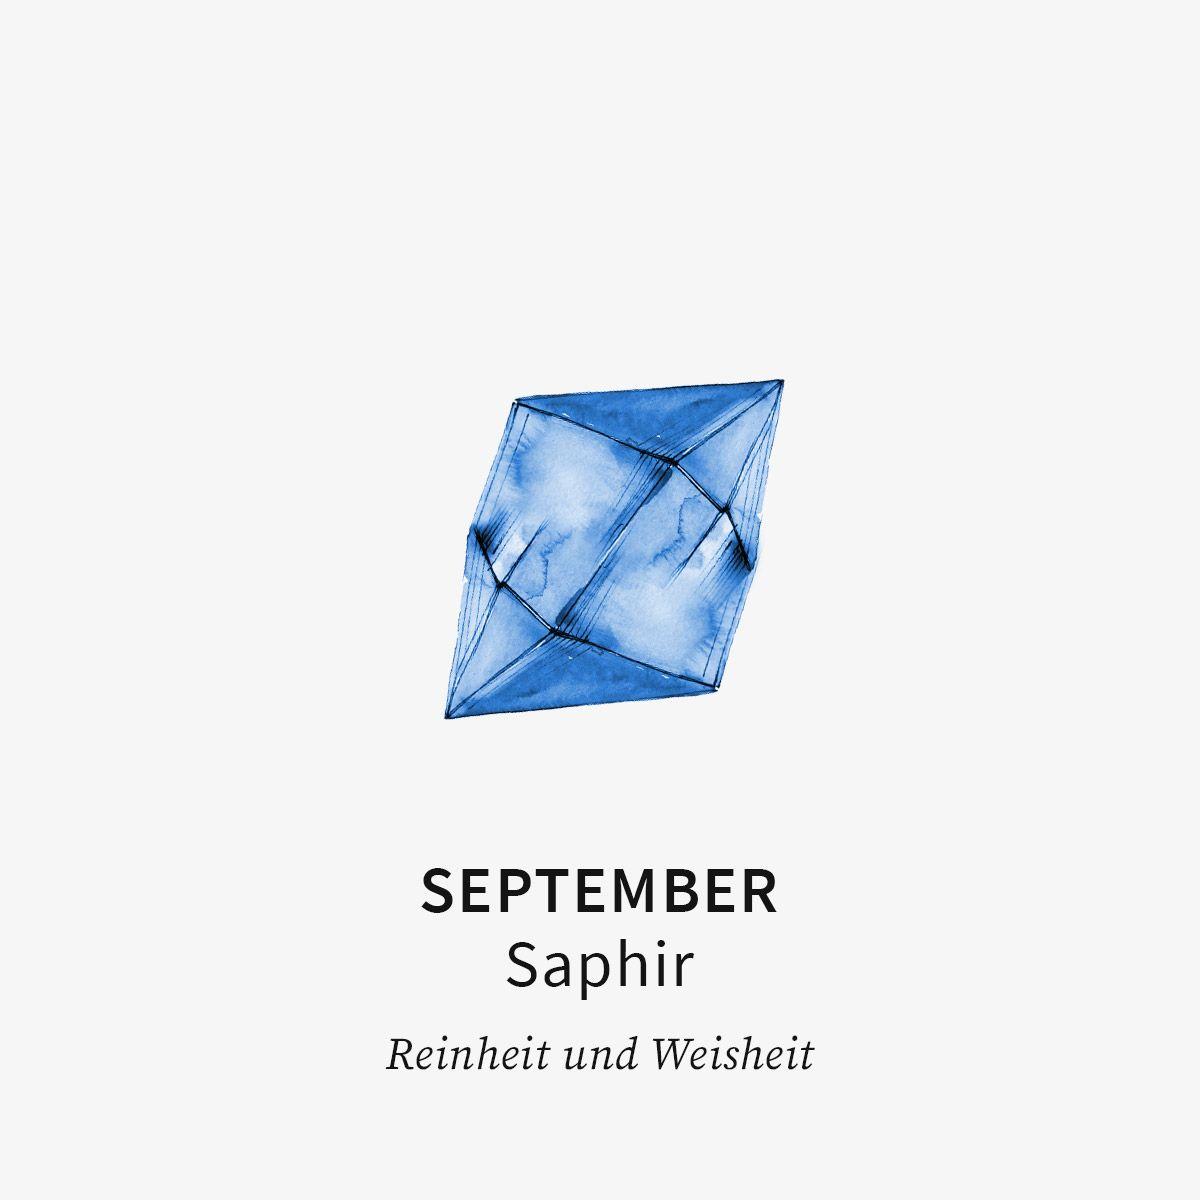 Birthstone September - Halsketten - 18k vergoldet